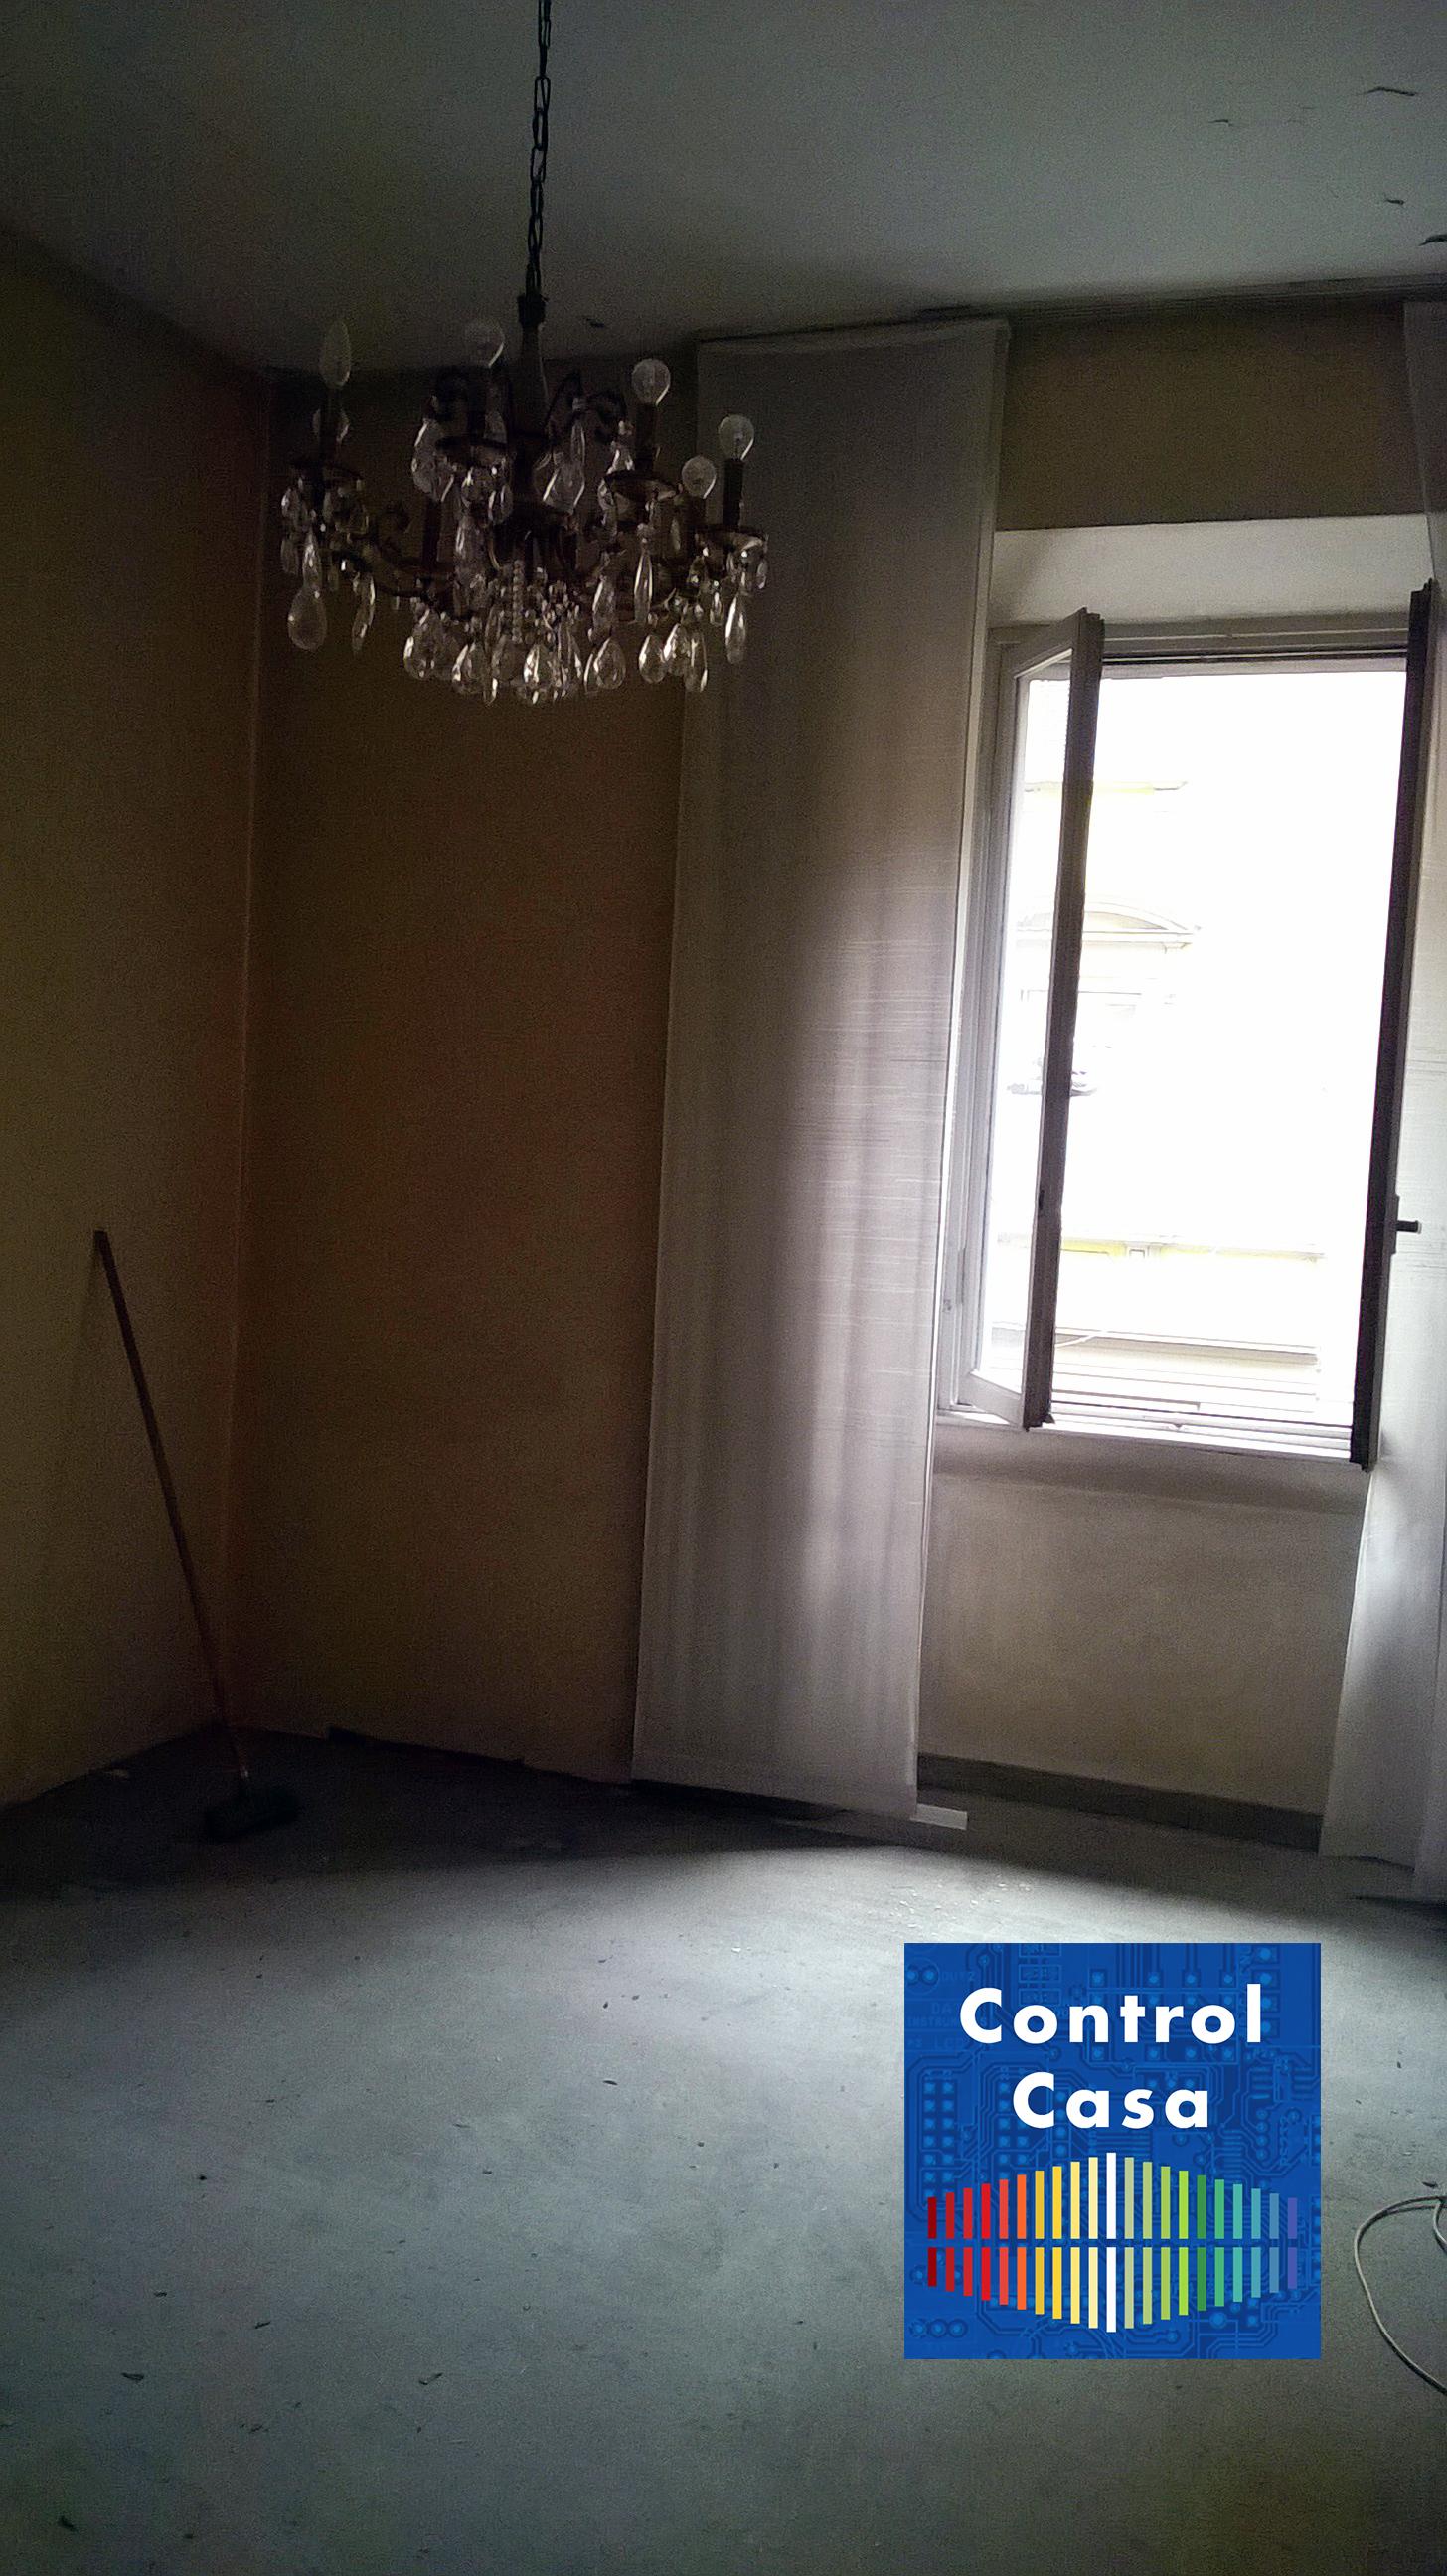 Sala, control casa, domotica, impianto domotico, milano City life, elettrosmog, onde elettromagnetiche